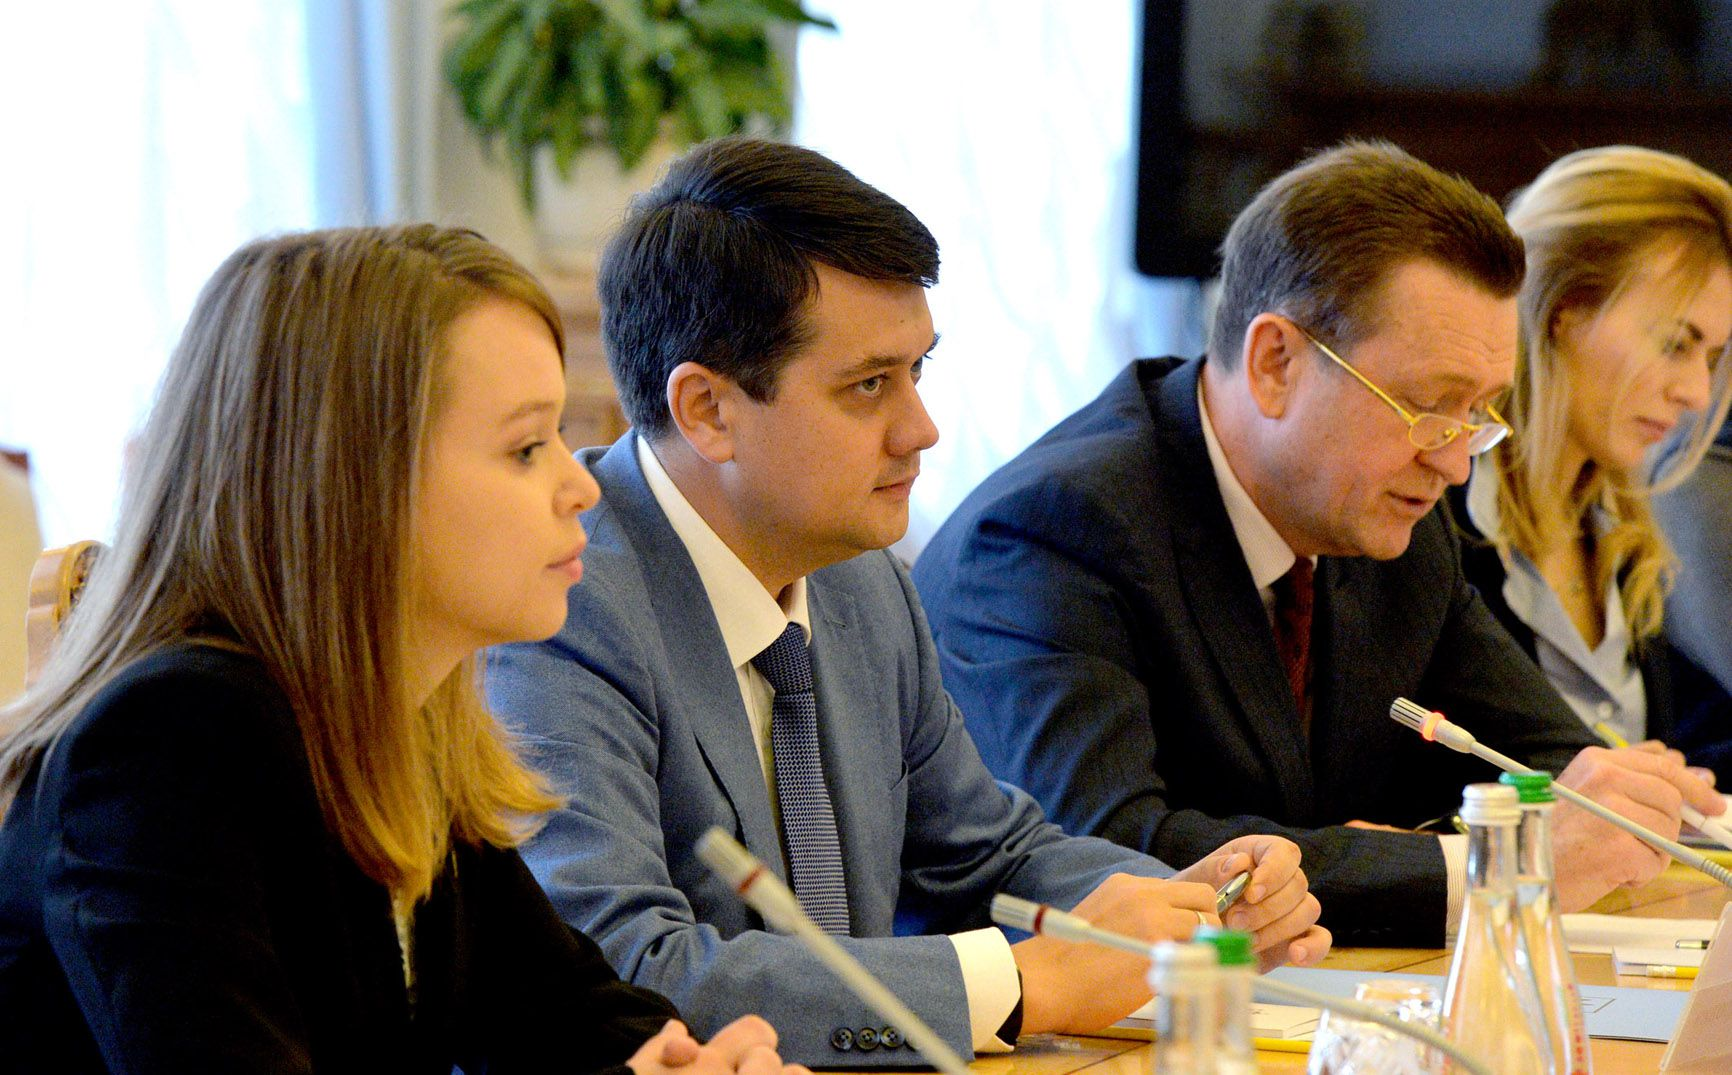 Лише об'єднавши зусилля, можна зберегти принципи Ради Європи